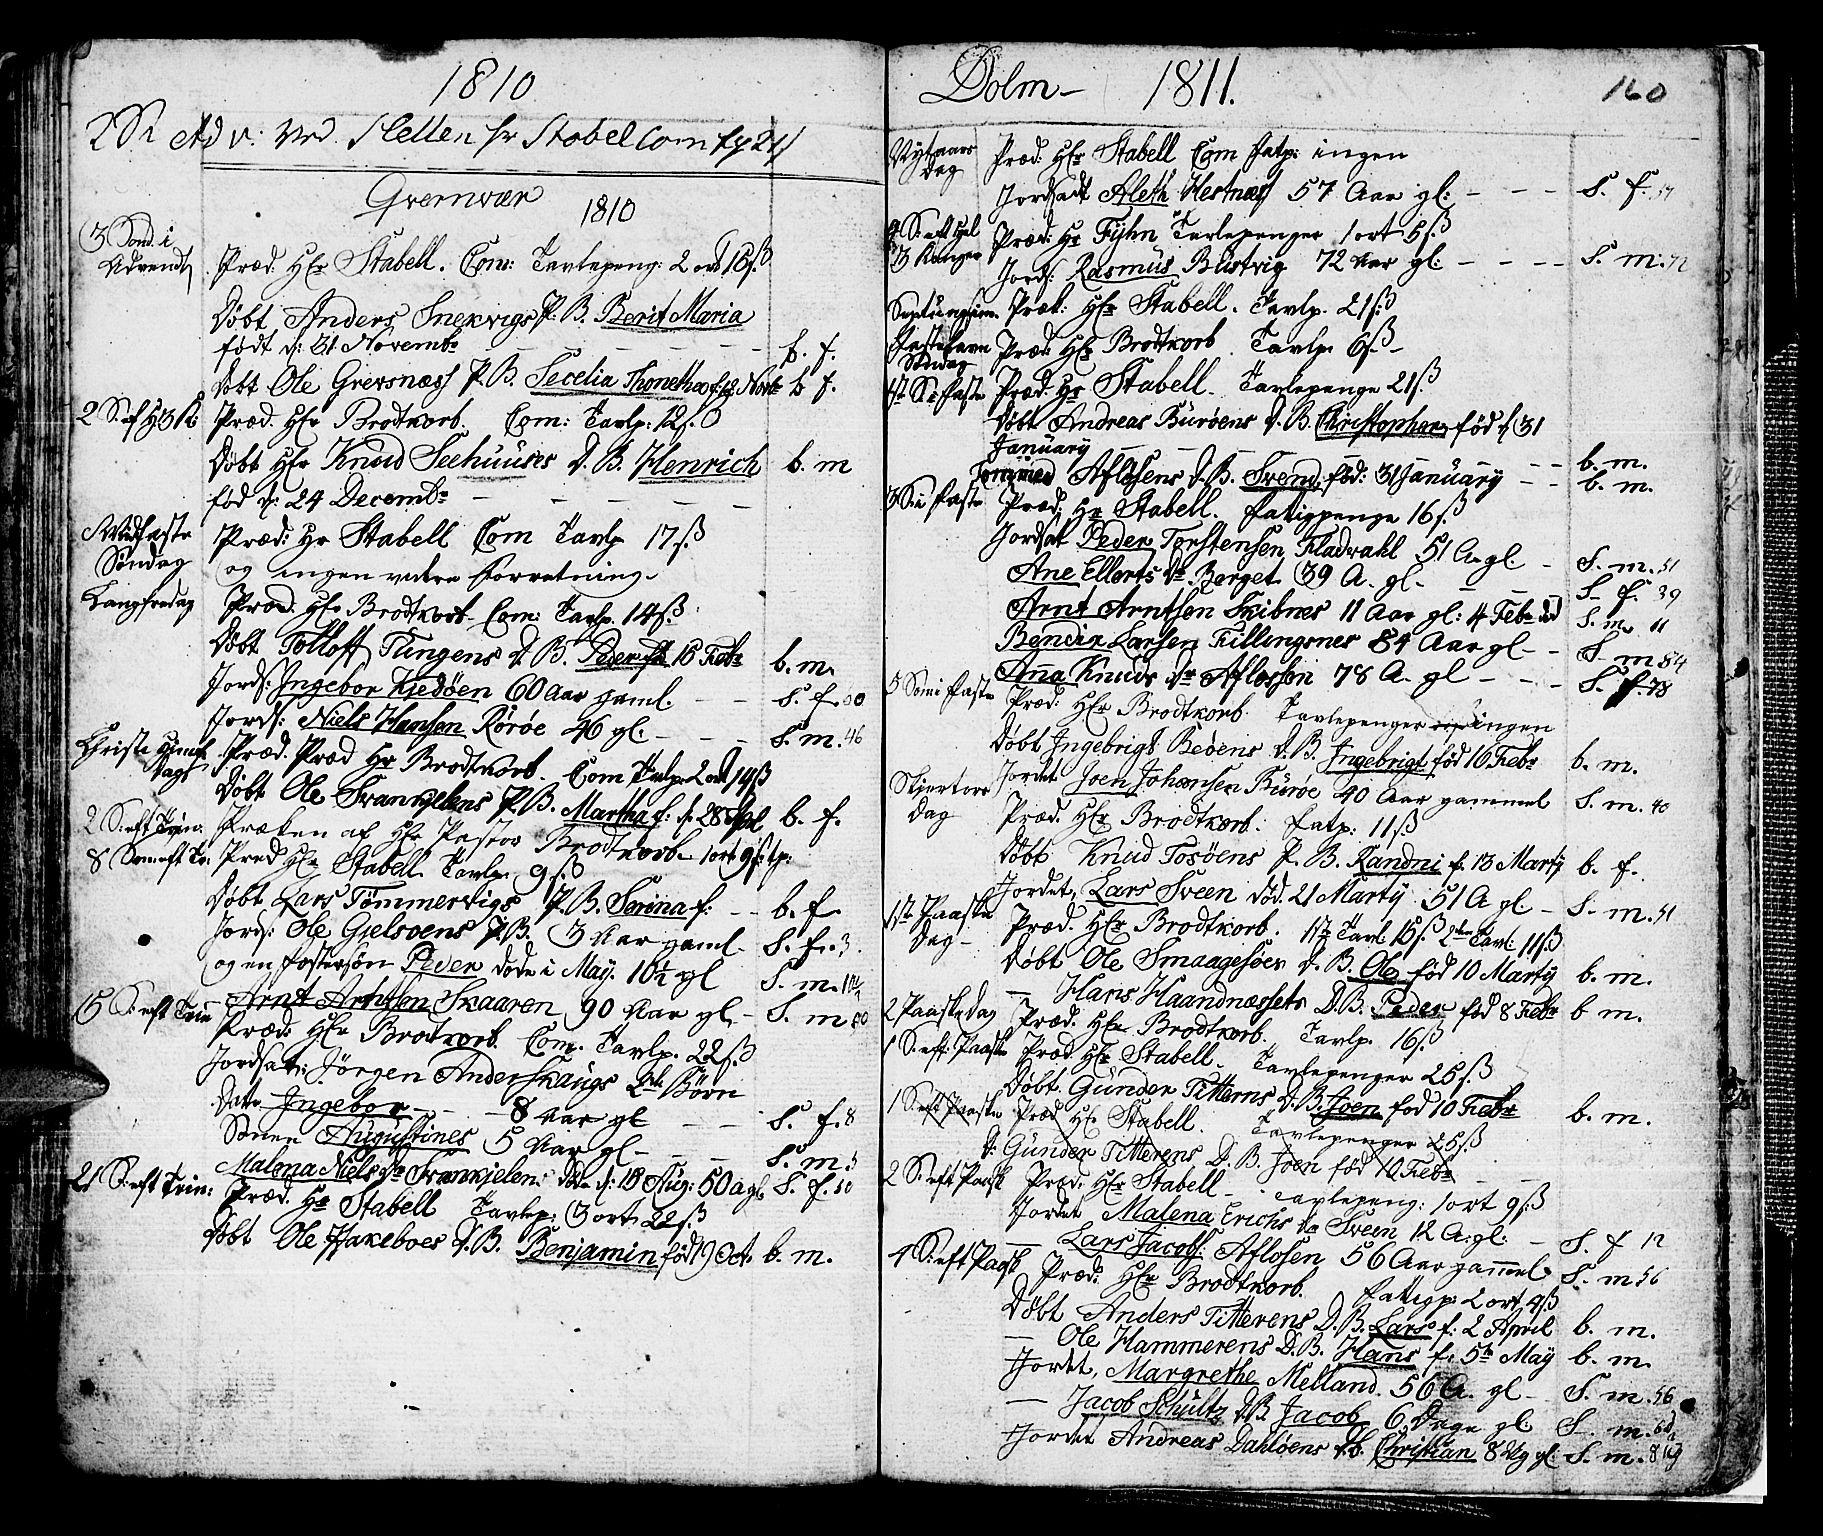 SAT, Ministerialprotokoller, klokkerbøker og fødselsregistre - Sør-Trøndelag, 634/L0526: Ministerialbok nr. 634A02, 1775-1818, s. 160